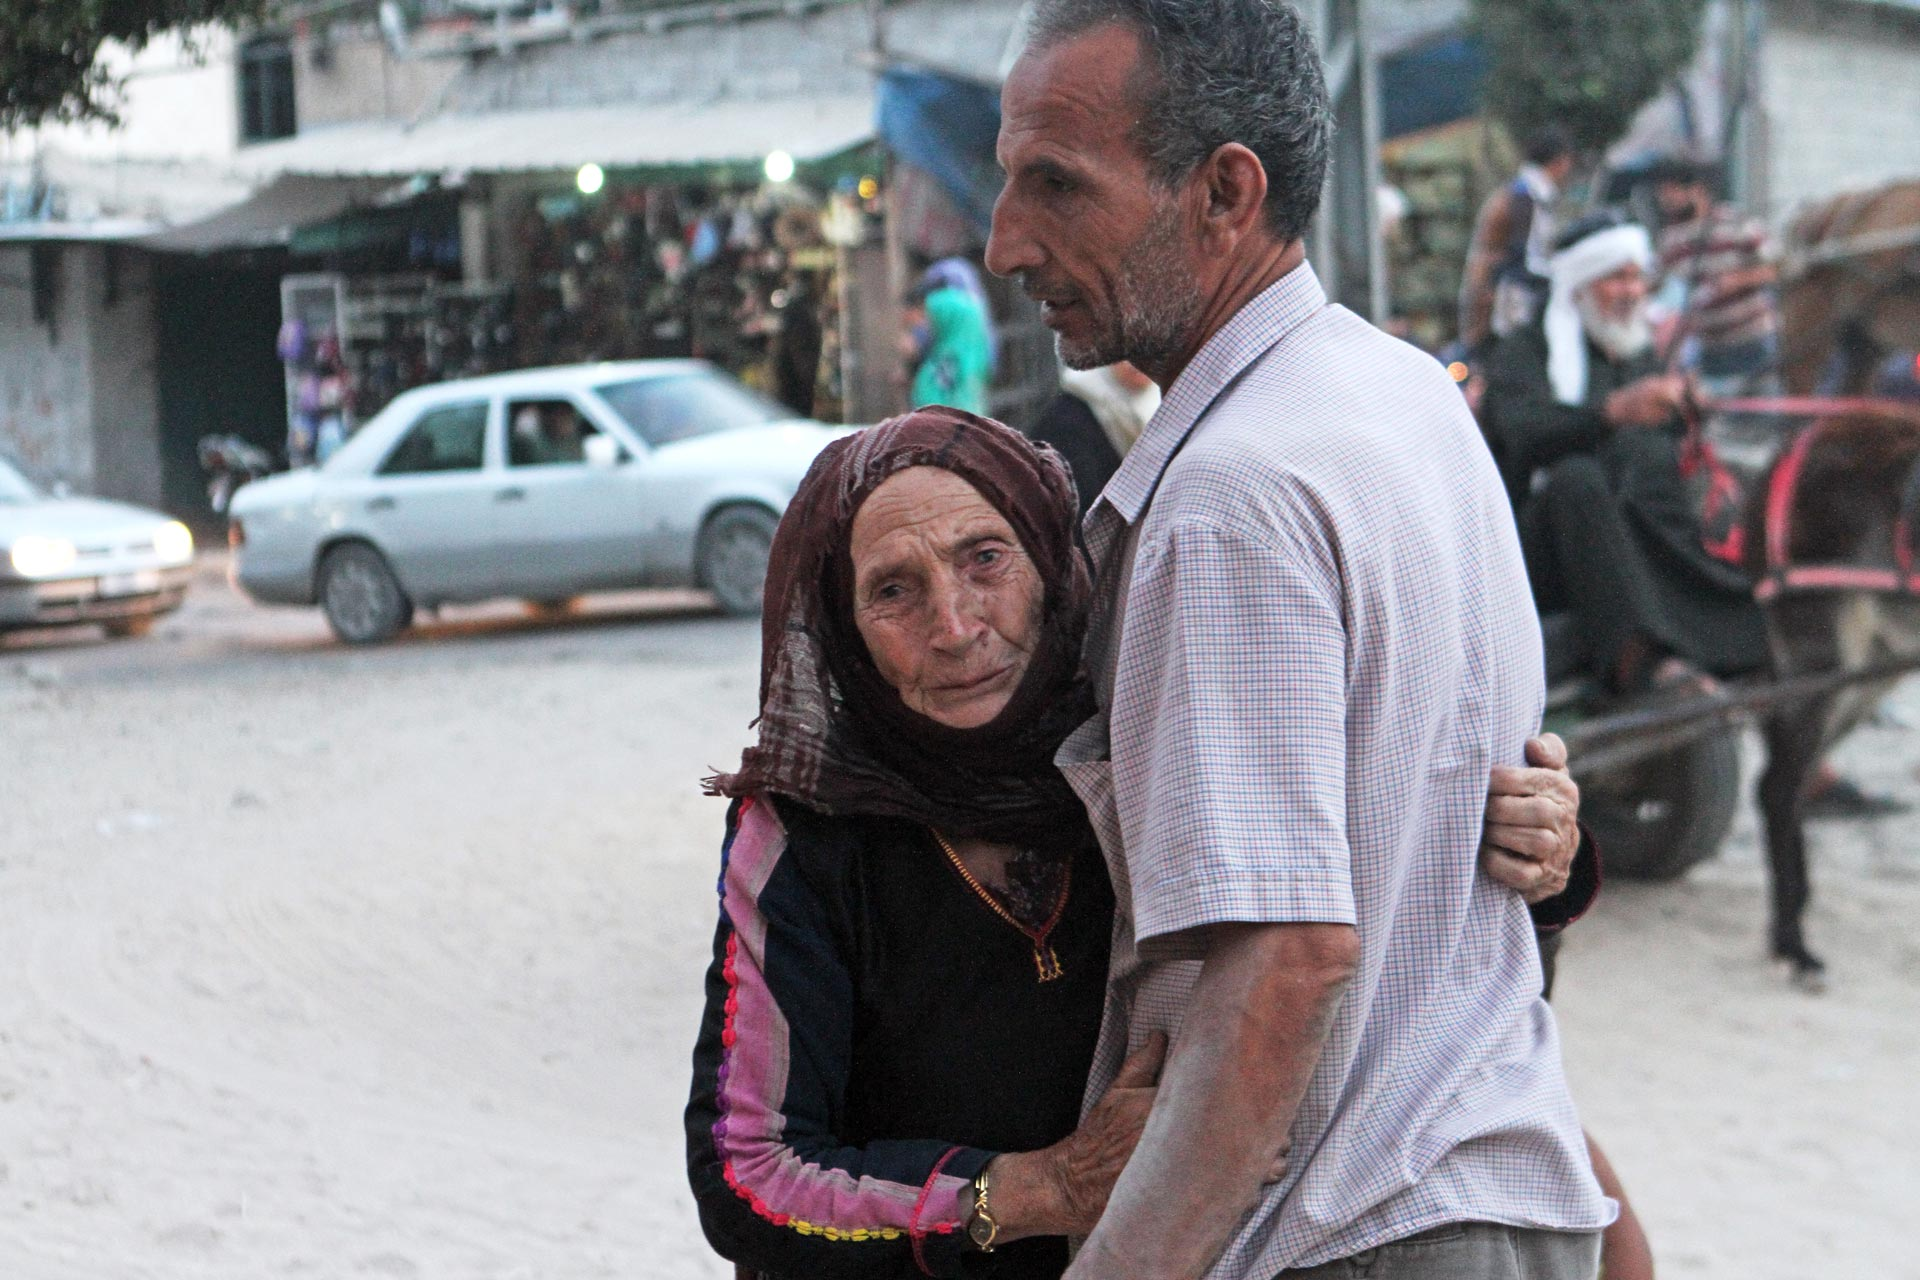 Fatma al-Kilani sucht noch immer nach ihrem Sohn Ibrahim und hofft, er kommt bald nach Hause. Hier umarmt sie ihren Ältesten, Saleh.